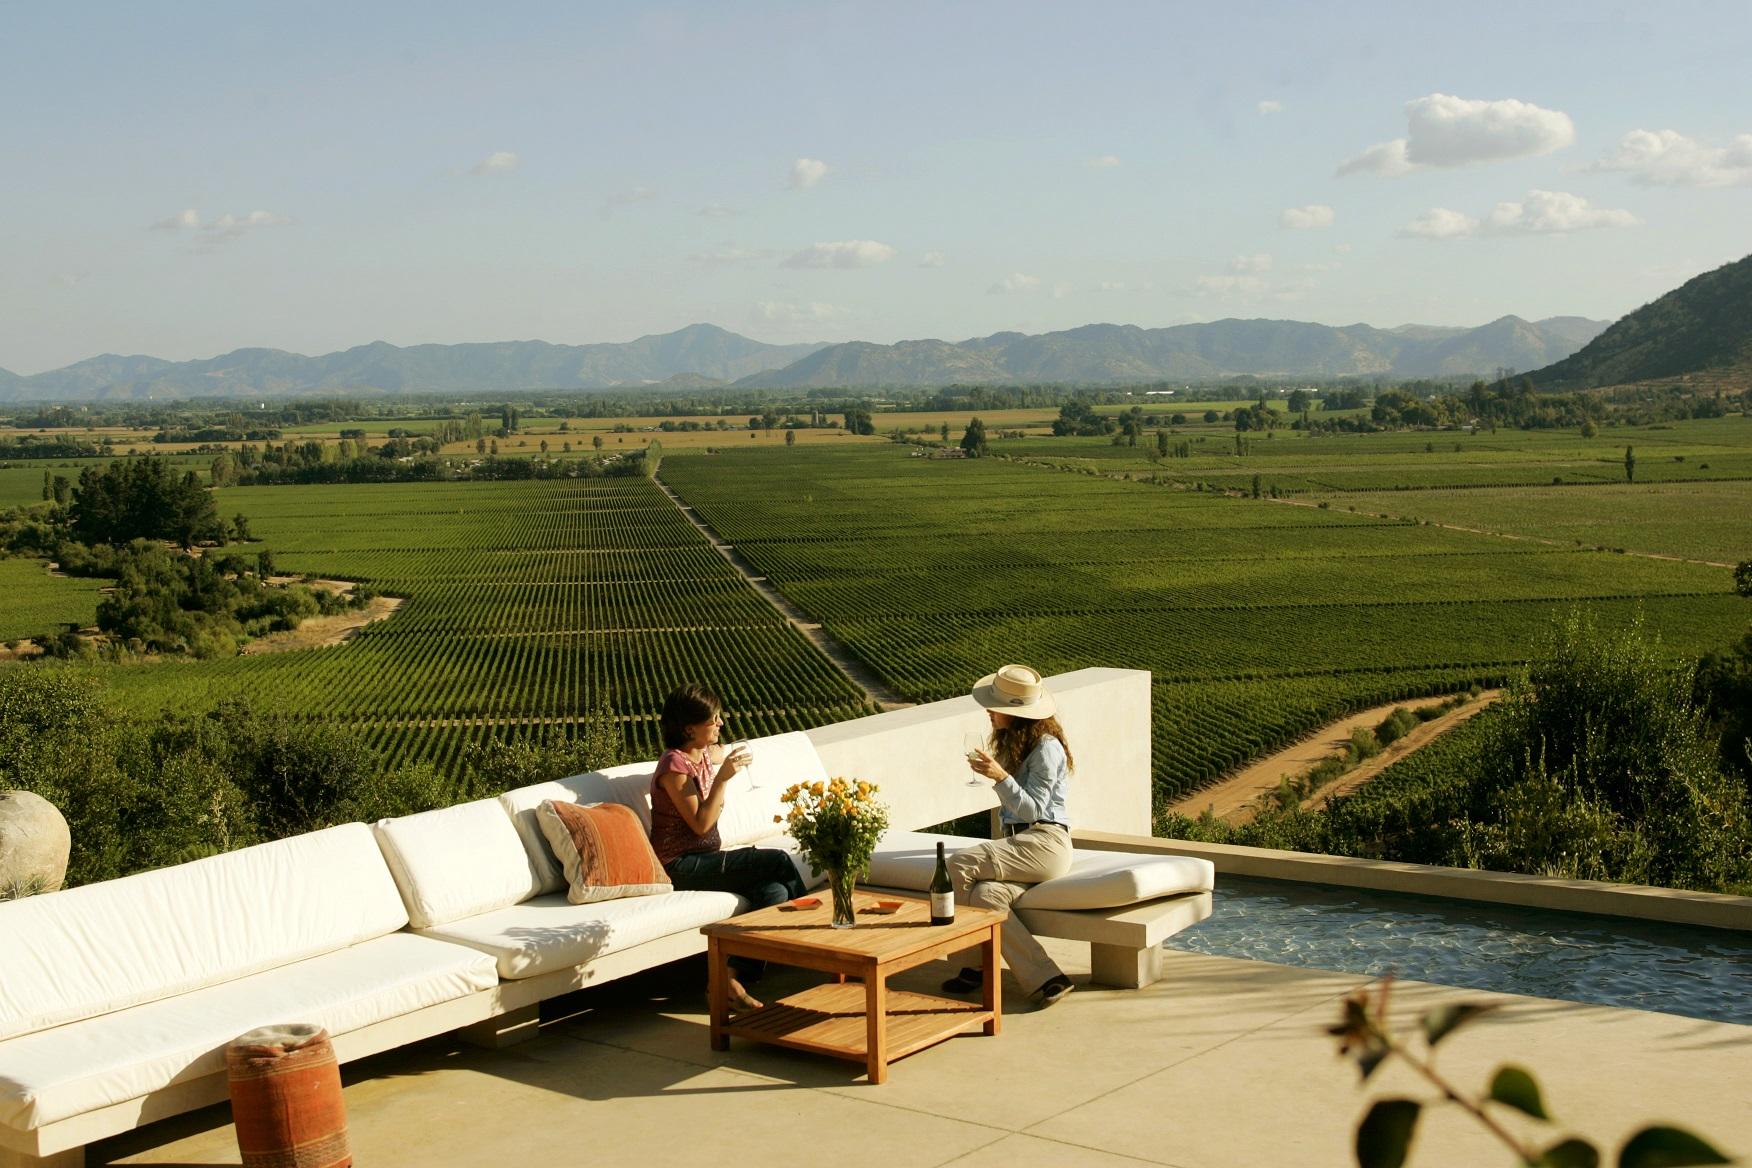 A moderna propriedade Clos Apalta, uma das três da Viña Lapostolle, tem vinhedos orgânicos com manejo biodinâmico devidamente certificados. Foto Divulgação